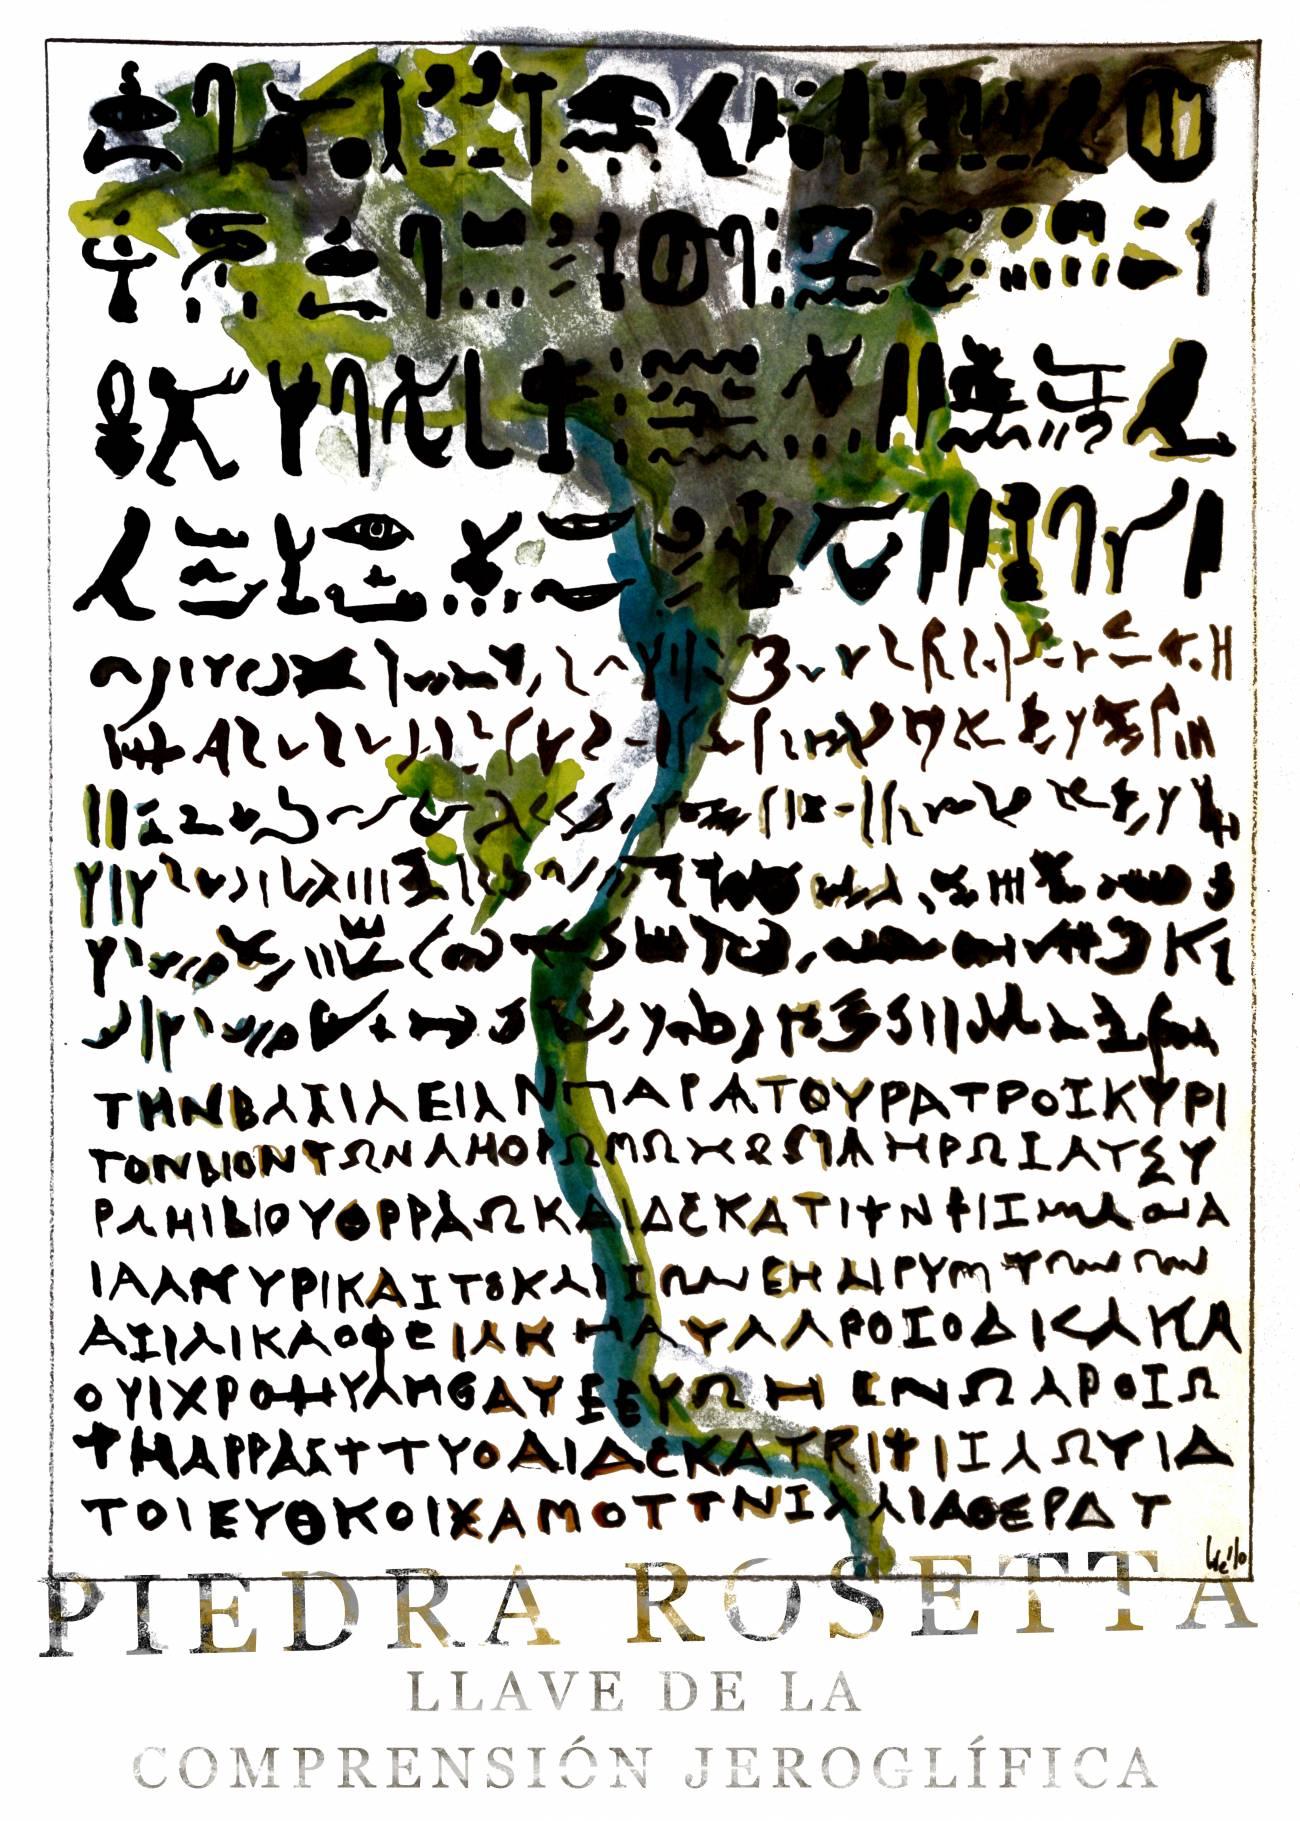 15 de julio de 1799: Pierre-François Bouchard descubre la piedra Rosetta en el pueblo del Delta del Nilo de mismo nombre